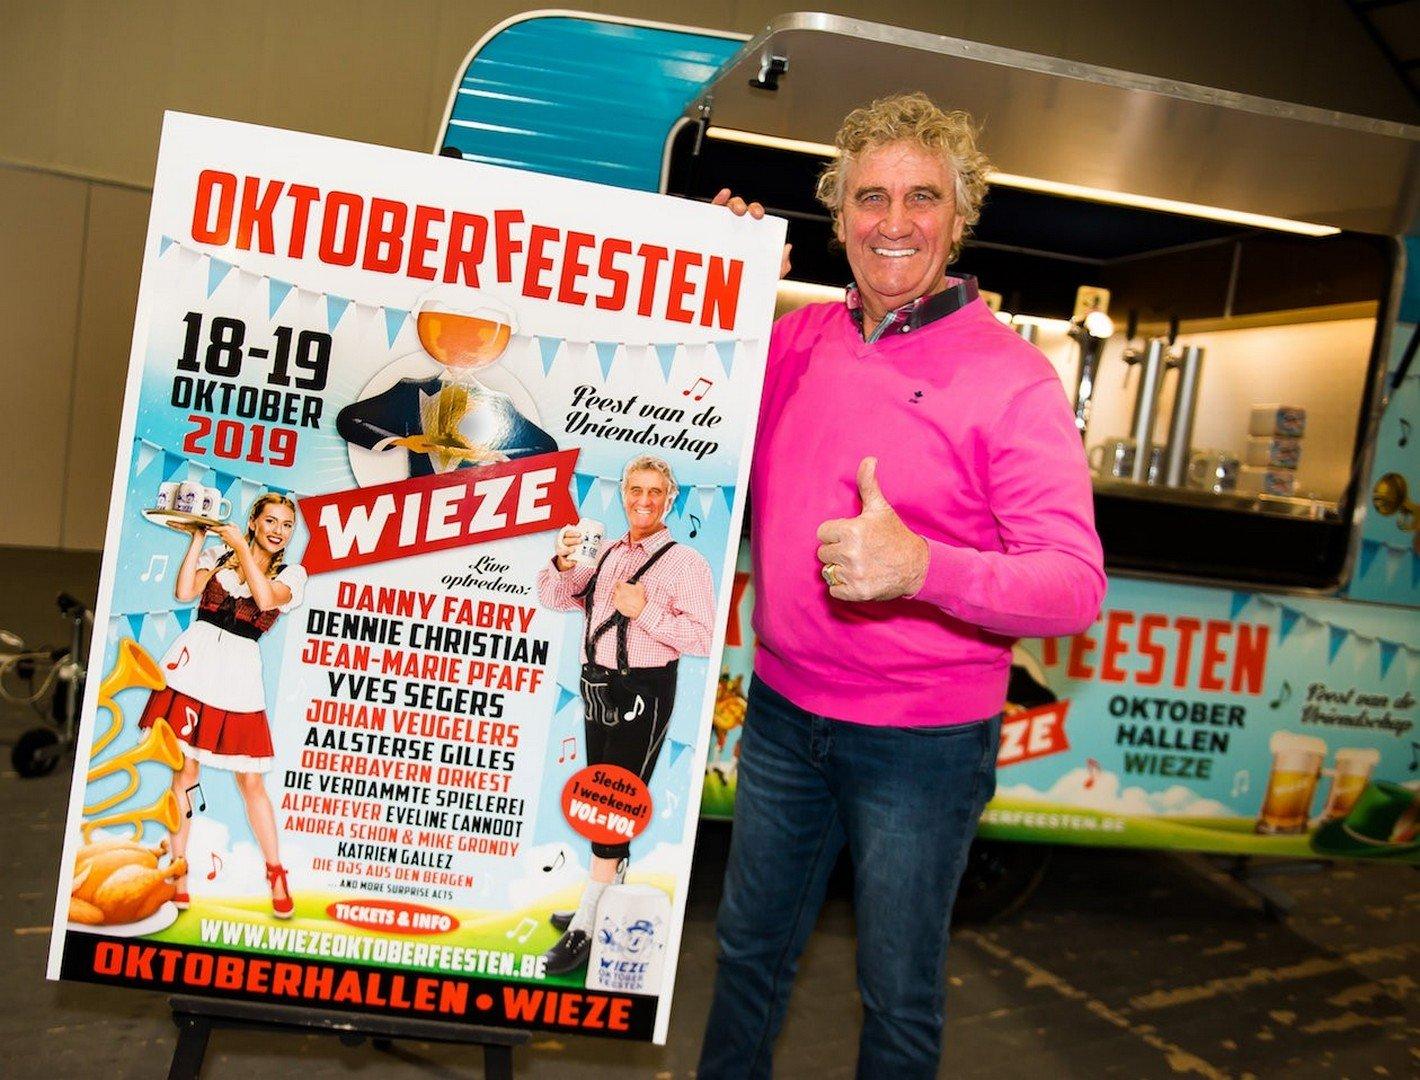 Wieze Oktoberfeesten keren na terug op 18 en 19 oktober 2019 - Wieze oktoberfeesten 2